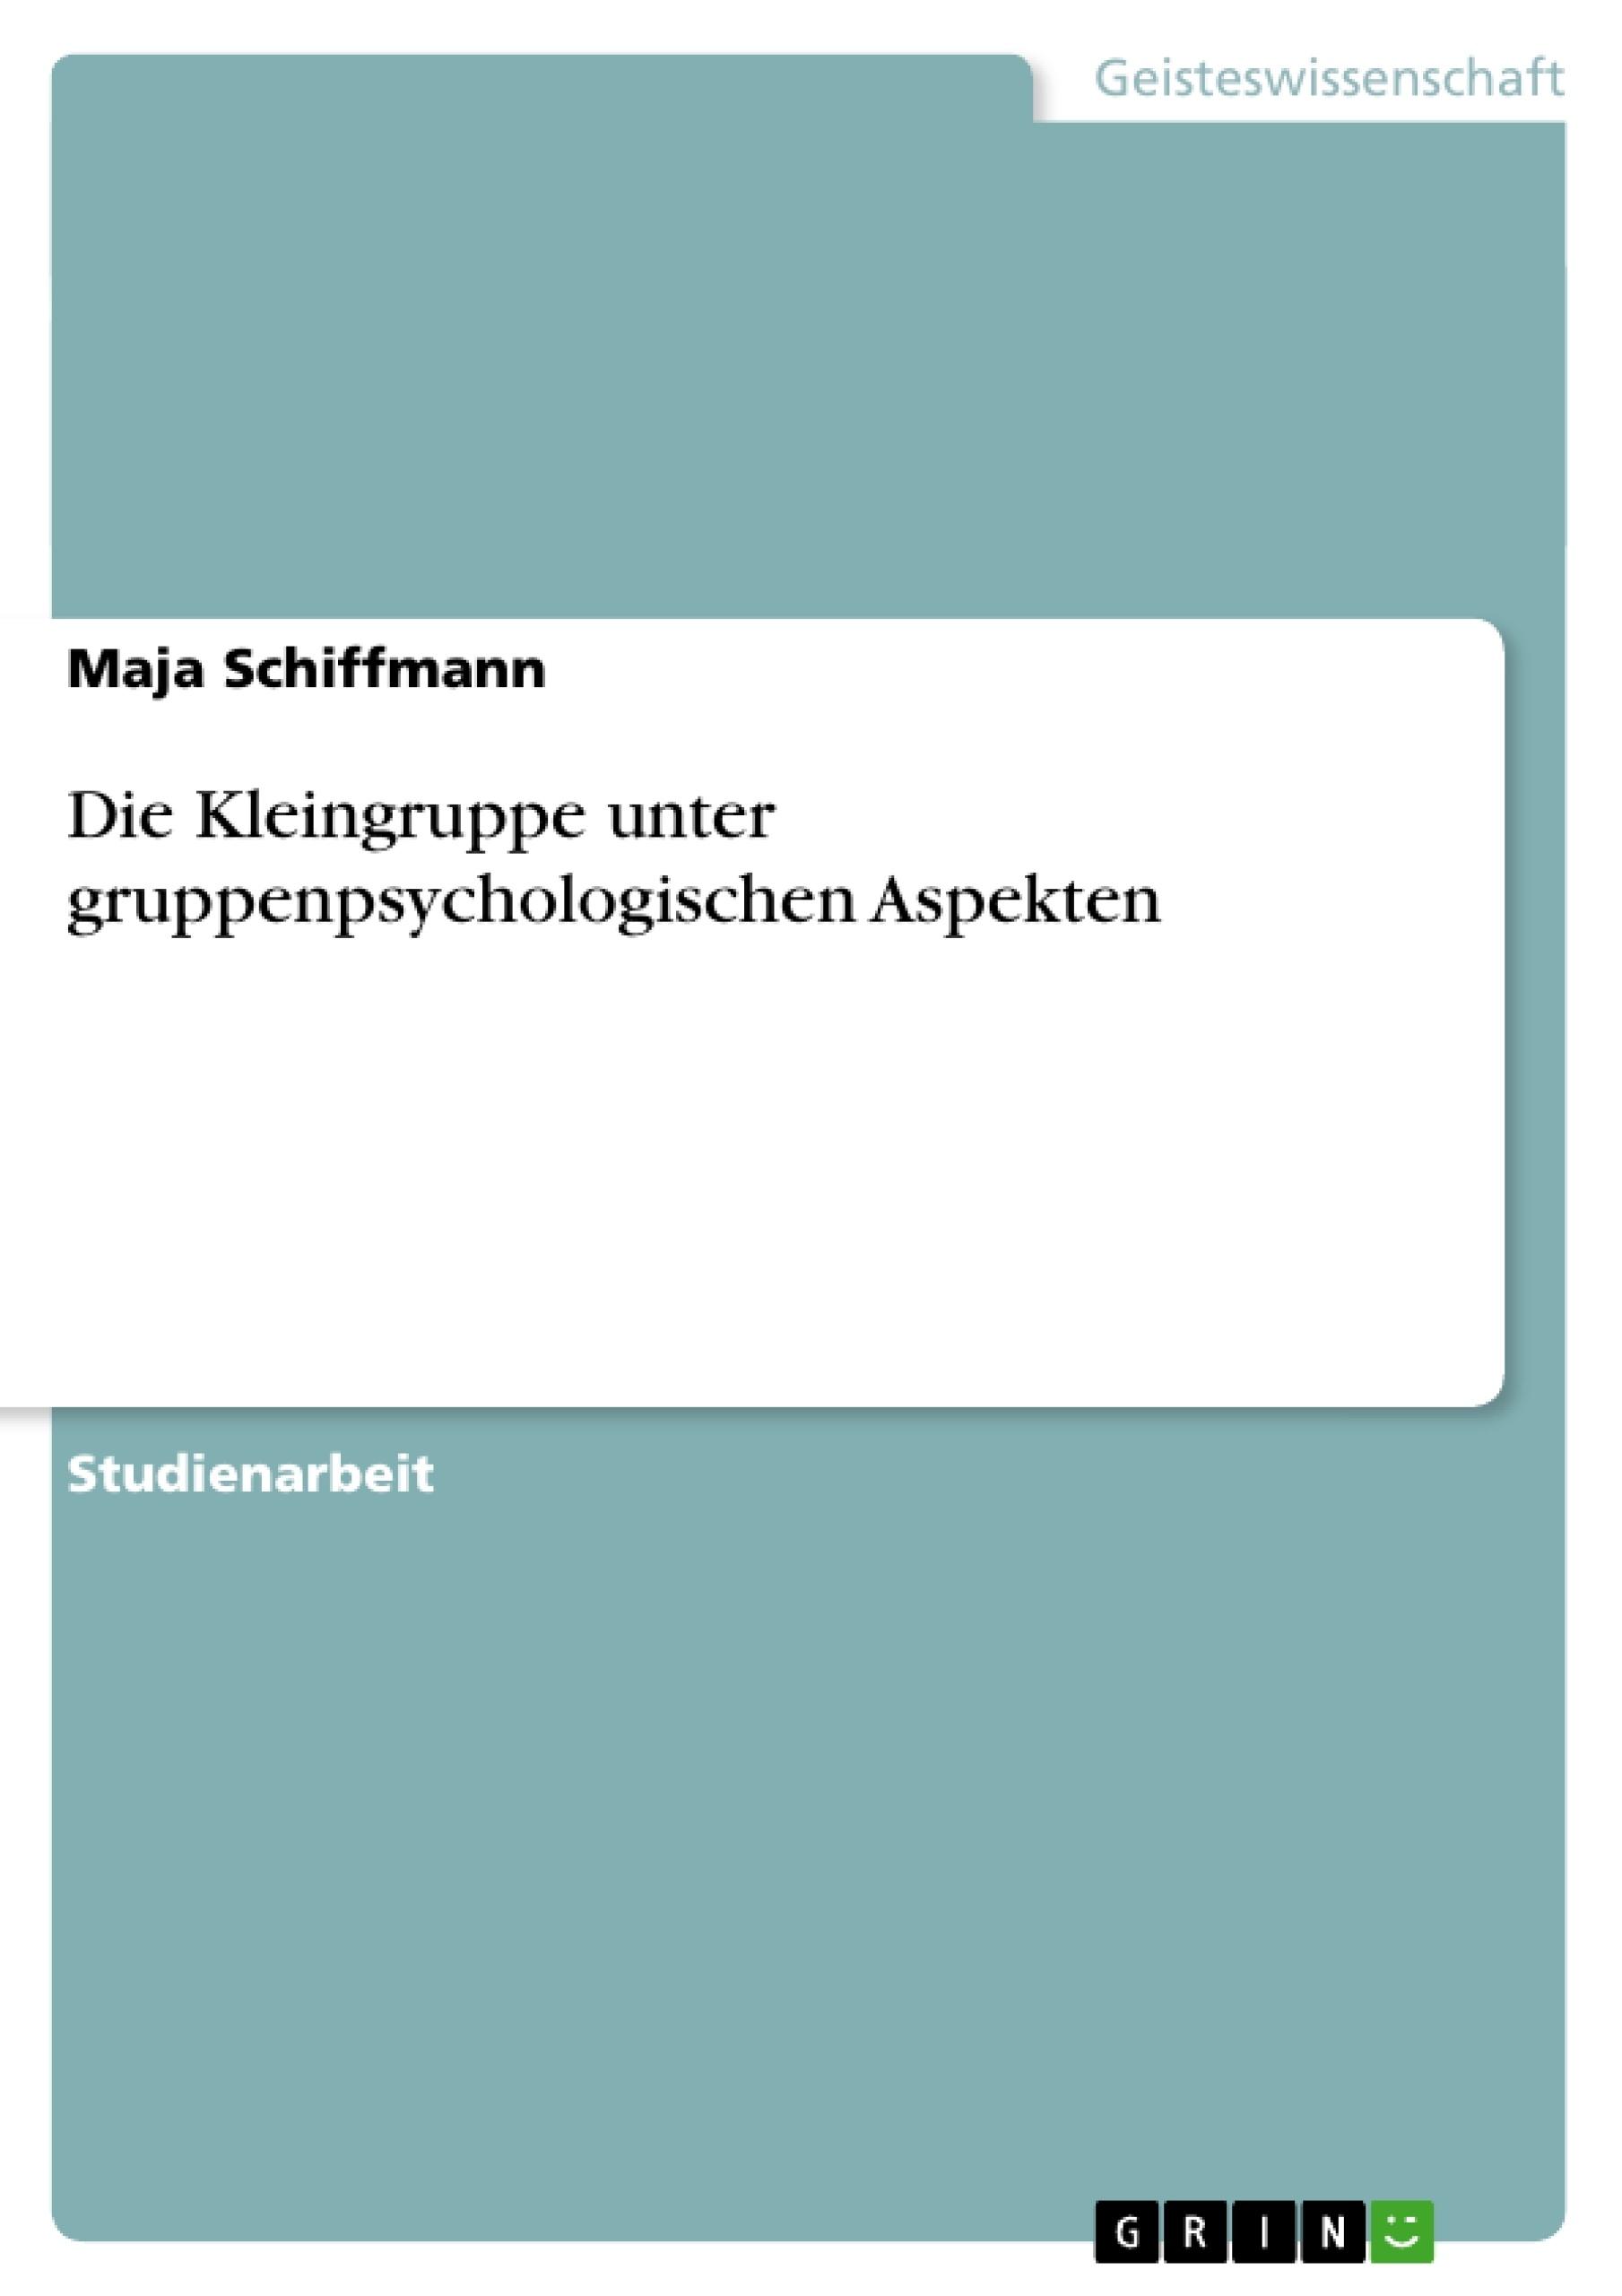 Titel: Die Kleingruppe unter gruppenpsychologischen Aspekten